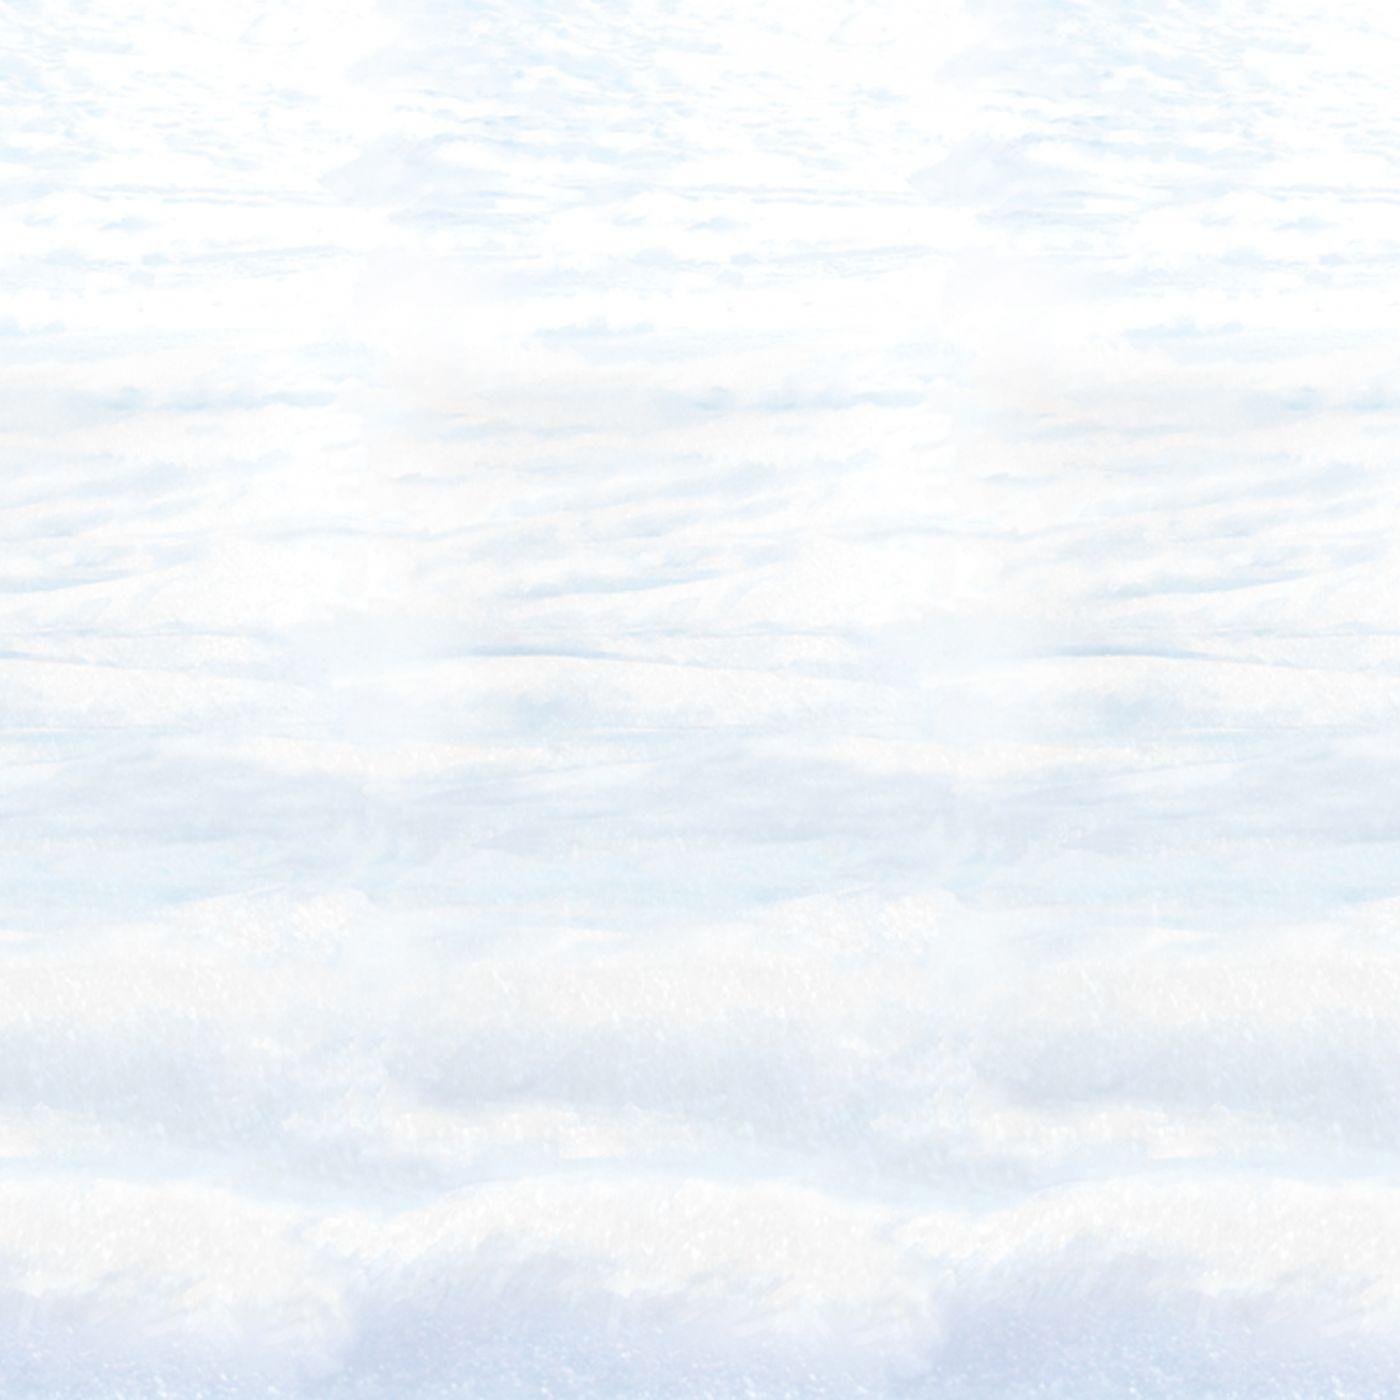 Snowscape Backdrop (6) image